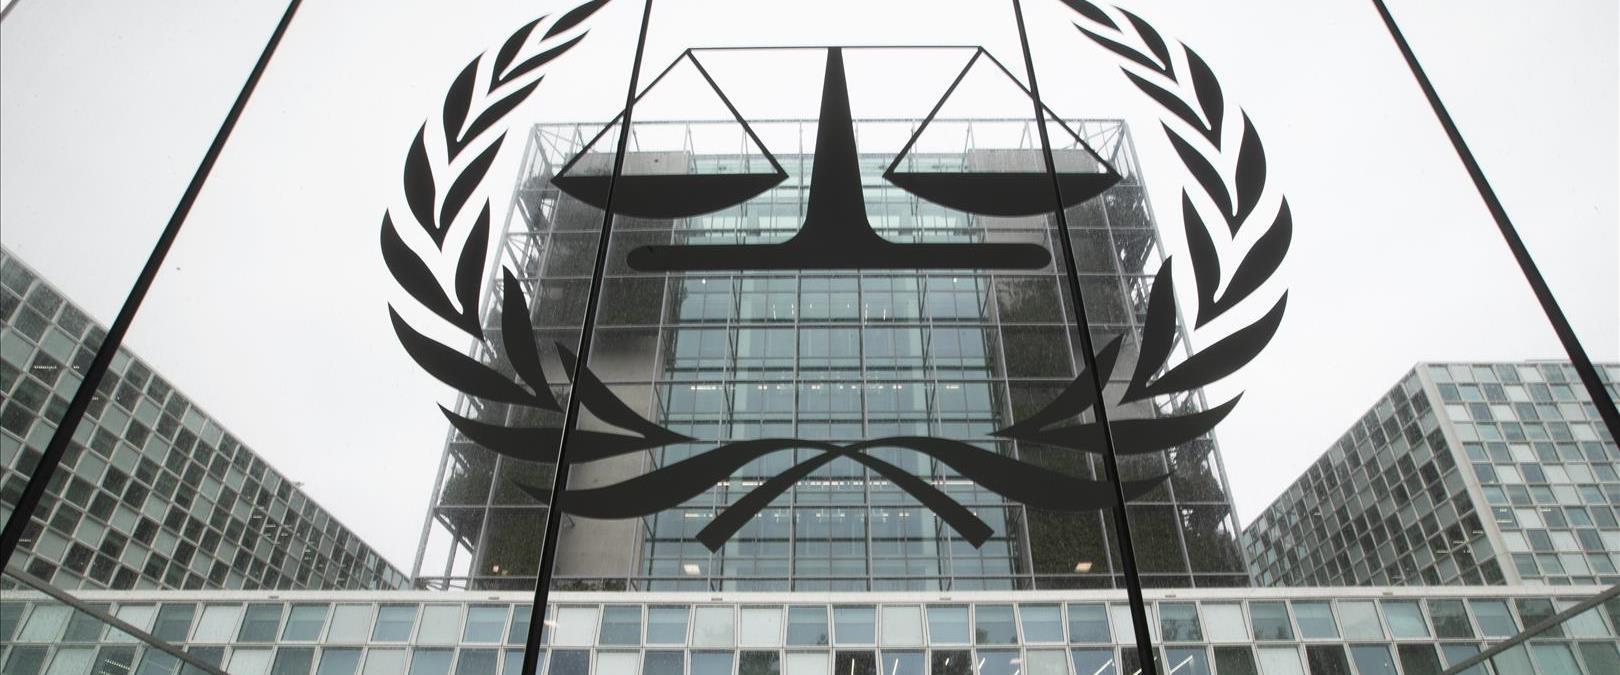 בית הדין הפלילי הבין לאומי בהאג, ארכיון